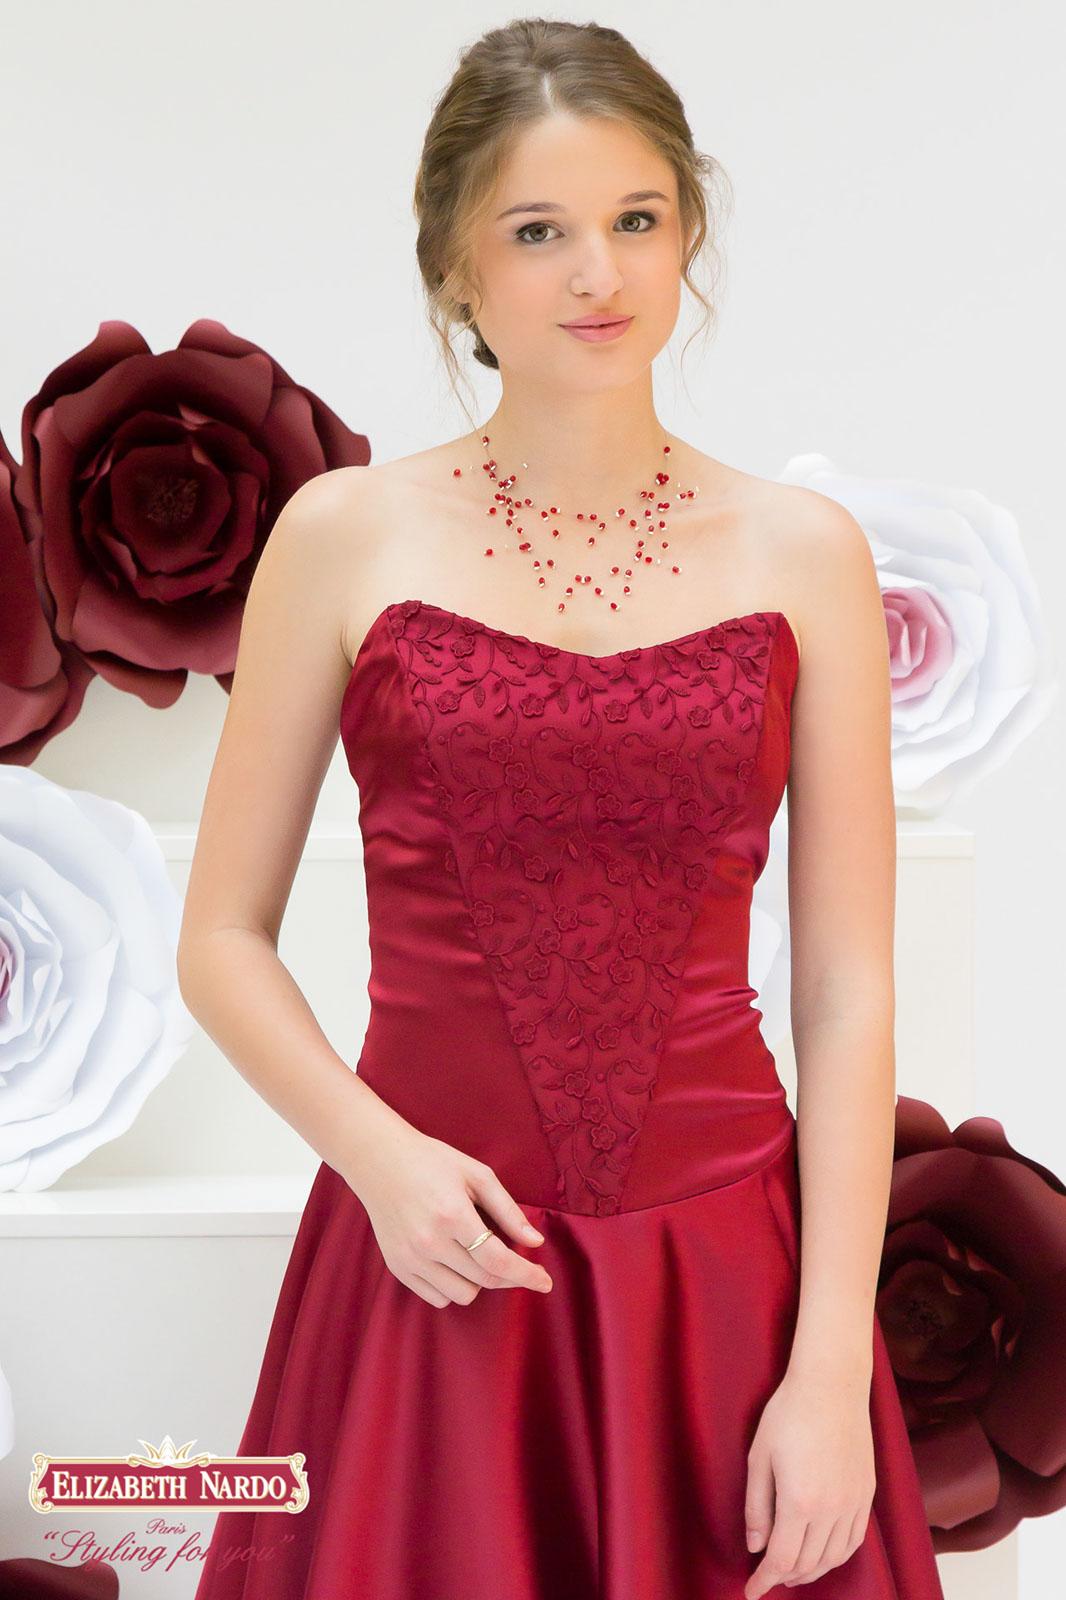 ceaeba3471 Menyecske ruhák - Menyecske ruha 18-103 - Menyasszonyi ruhák ...